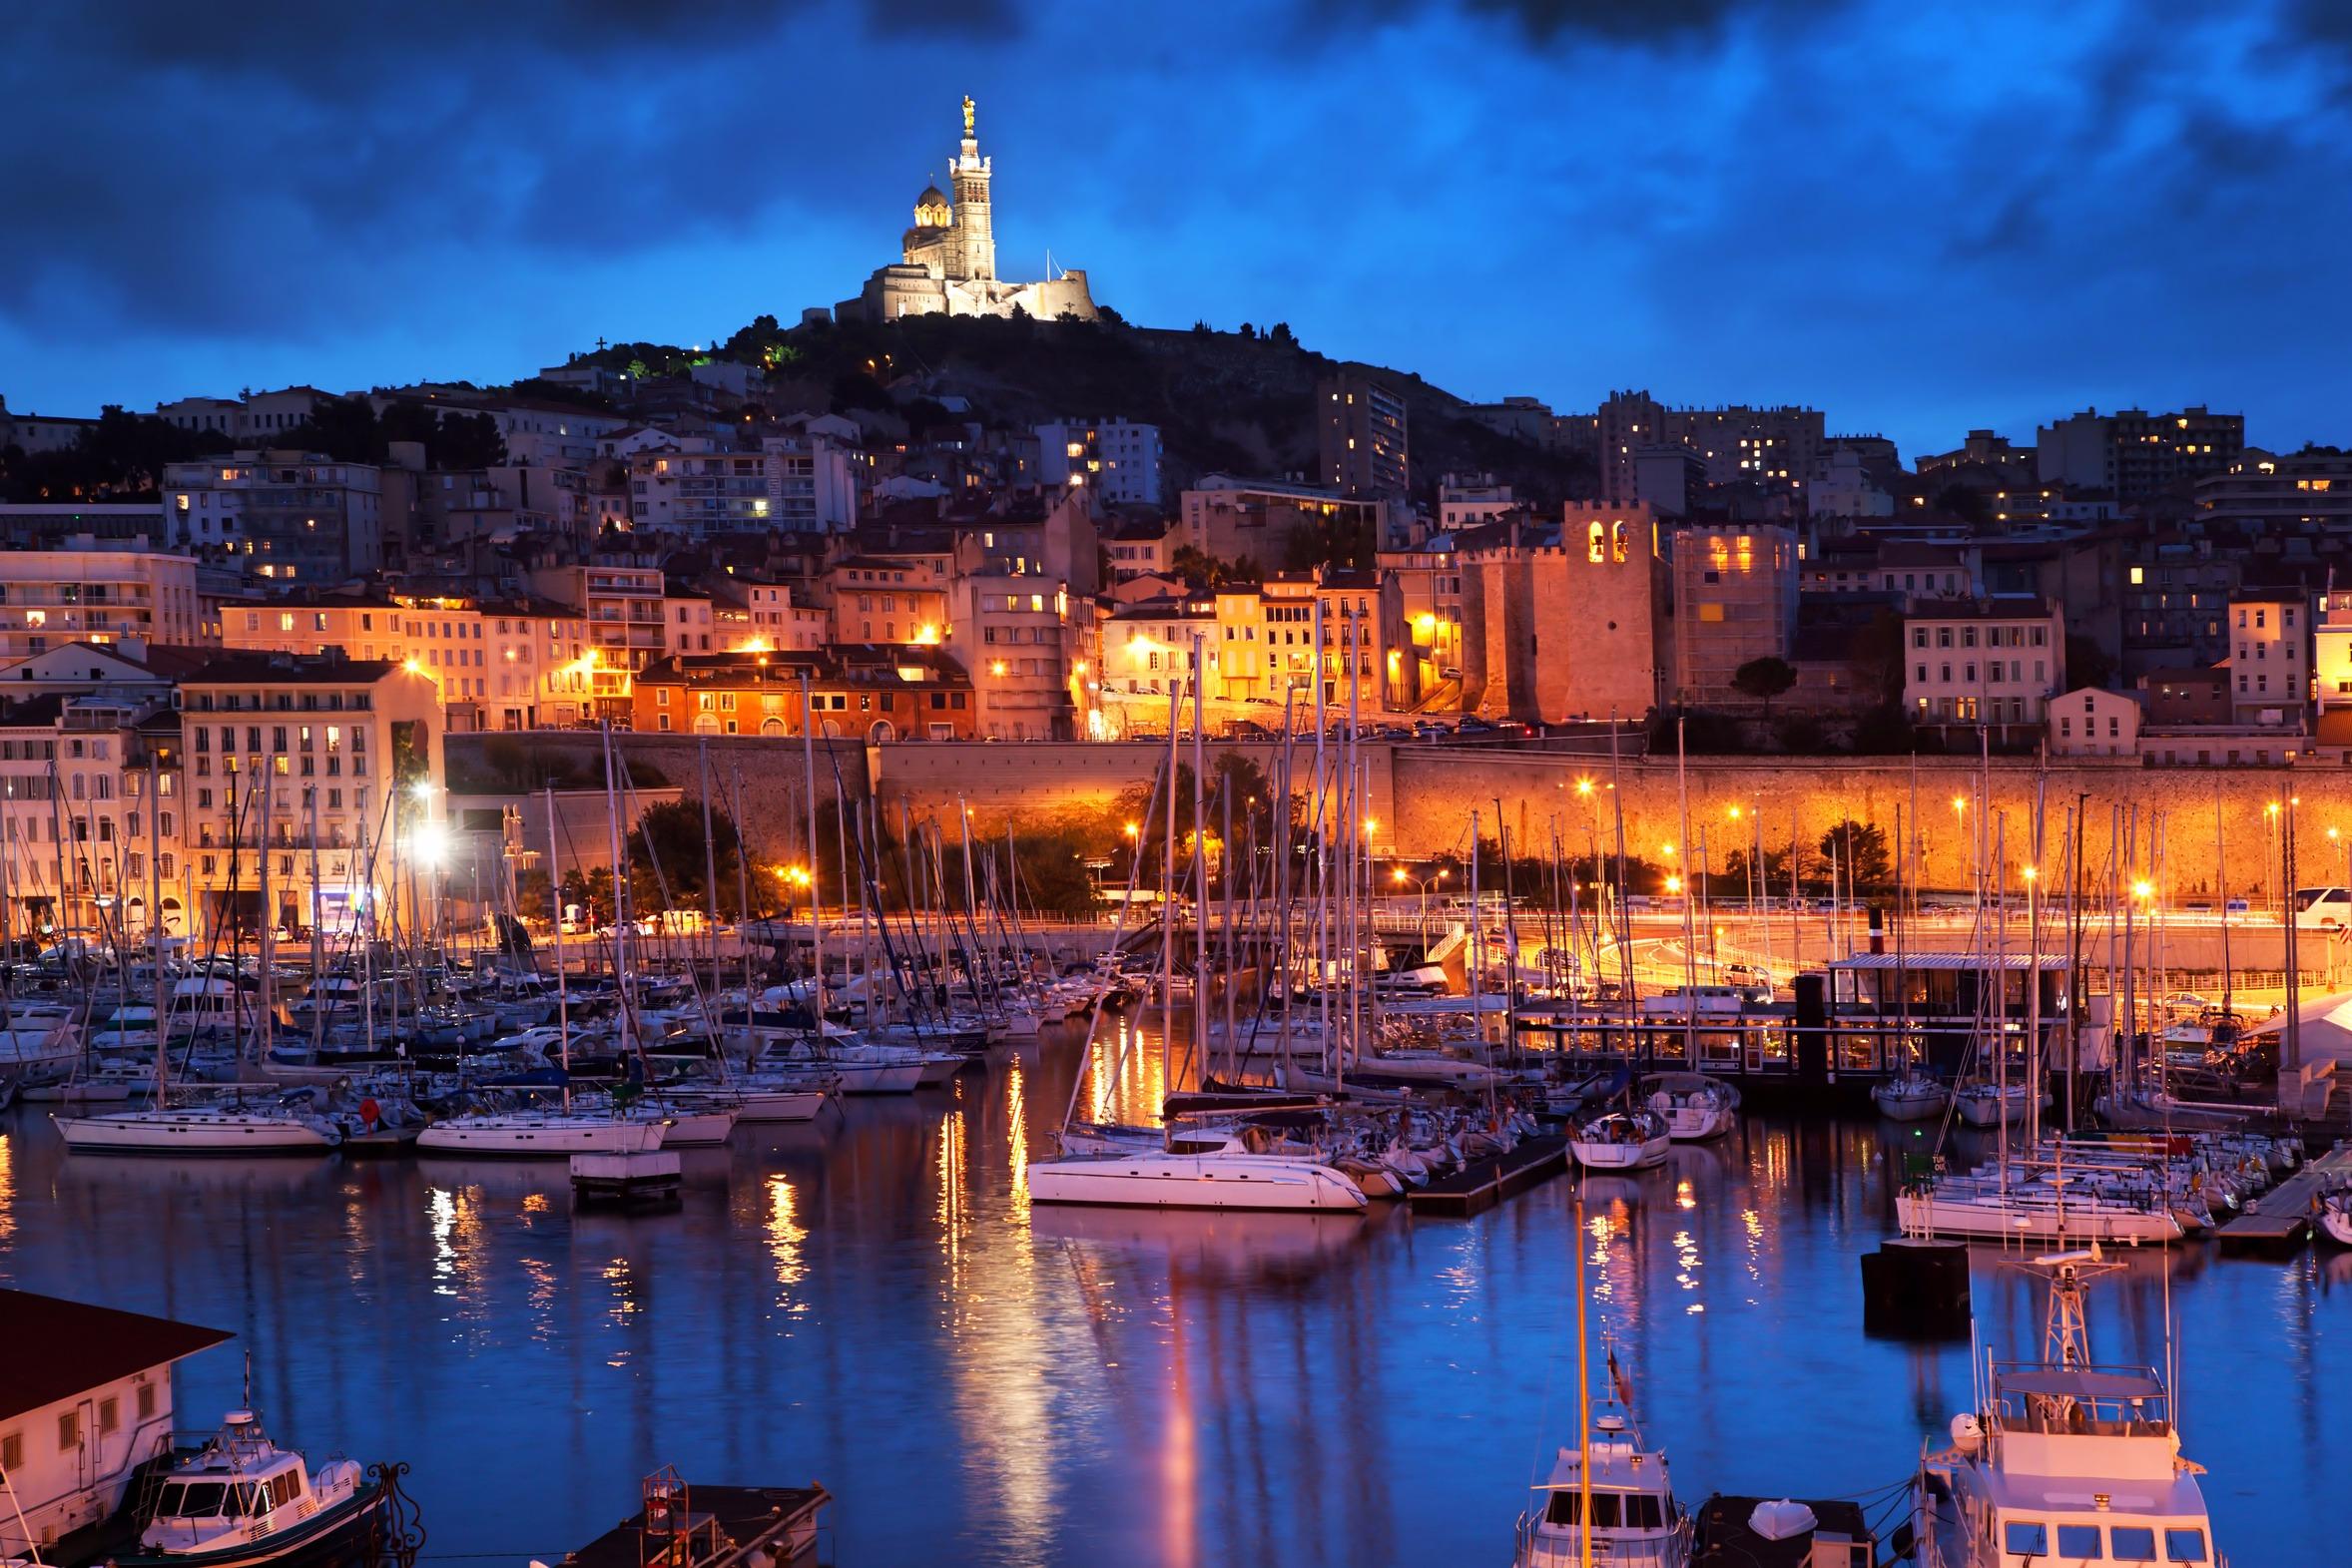 ŞEKER BAYRAMI İTALYA & FRANSA & İSPANYA Milano (1) & Cenova (1)  & Nice (1)  Marsilya (2) & Barcelona (2)  Türk Havayolları Tarifeli Seferi ile  02 Temmuz 2016 Hareket … 7 Gece Tour